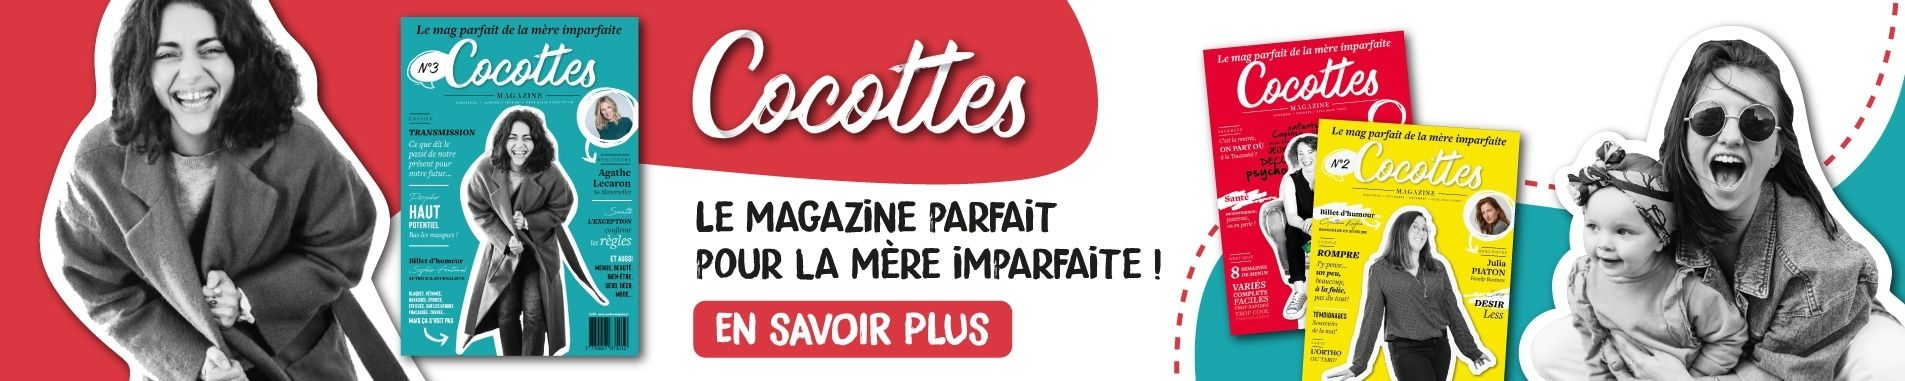 Cocottes abonnement